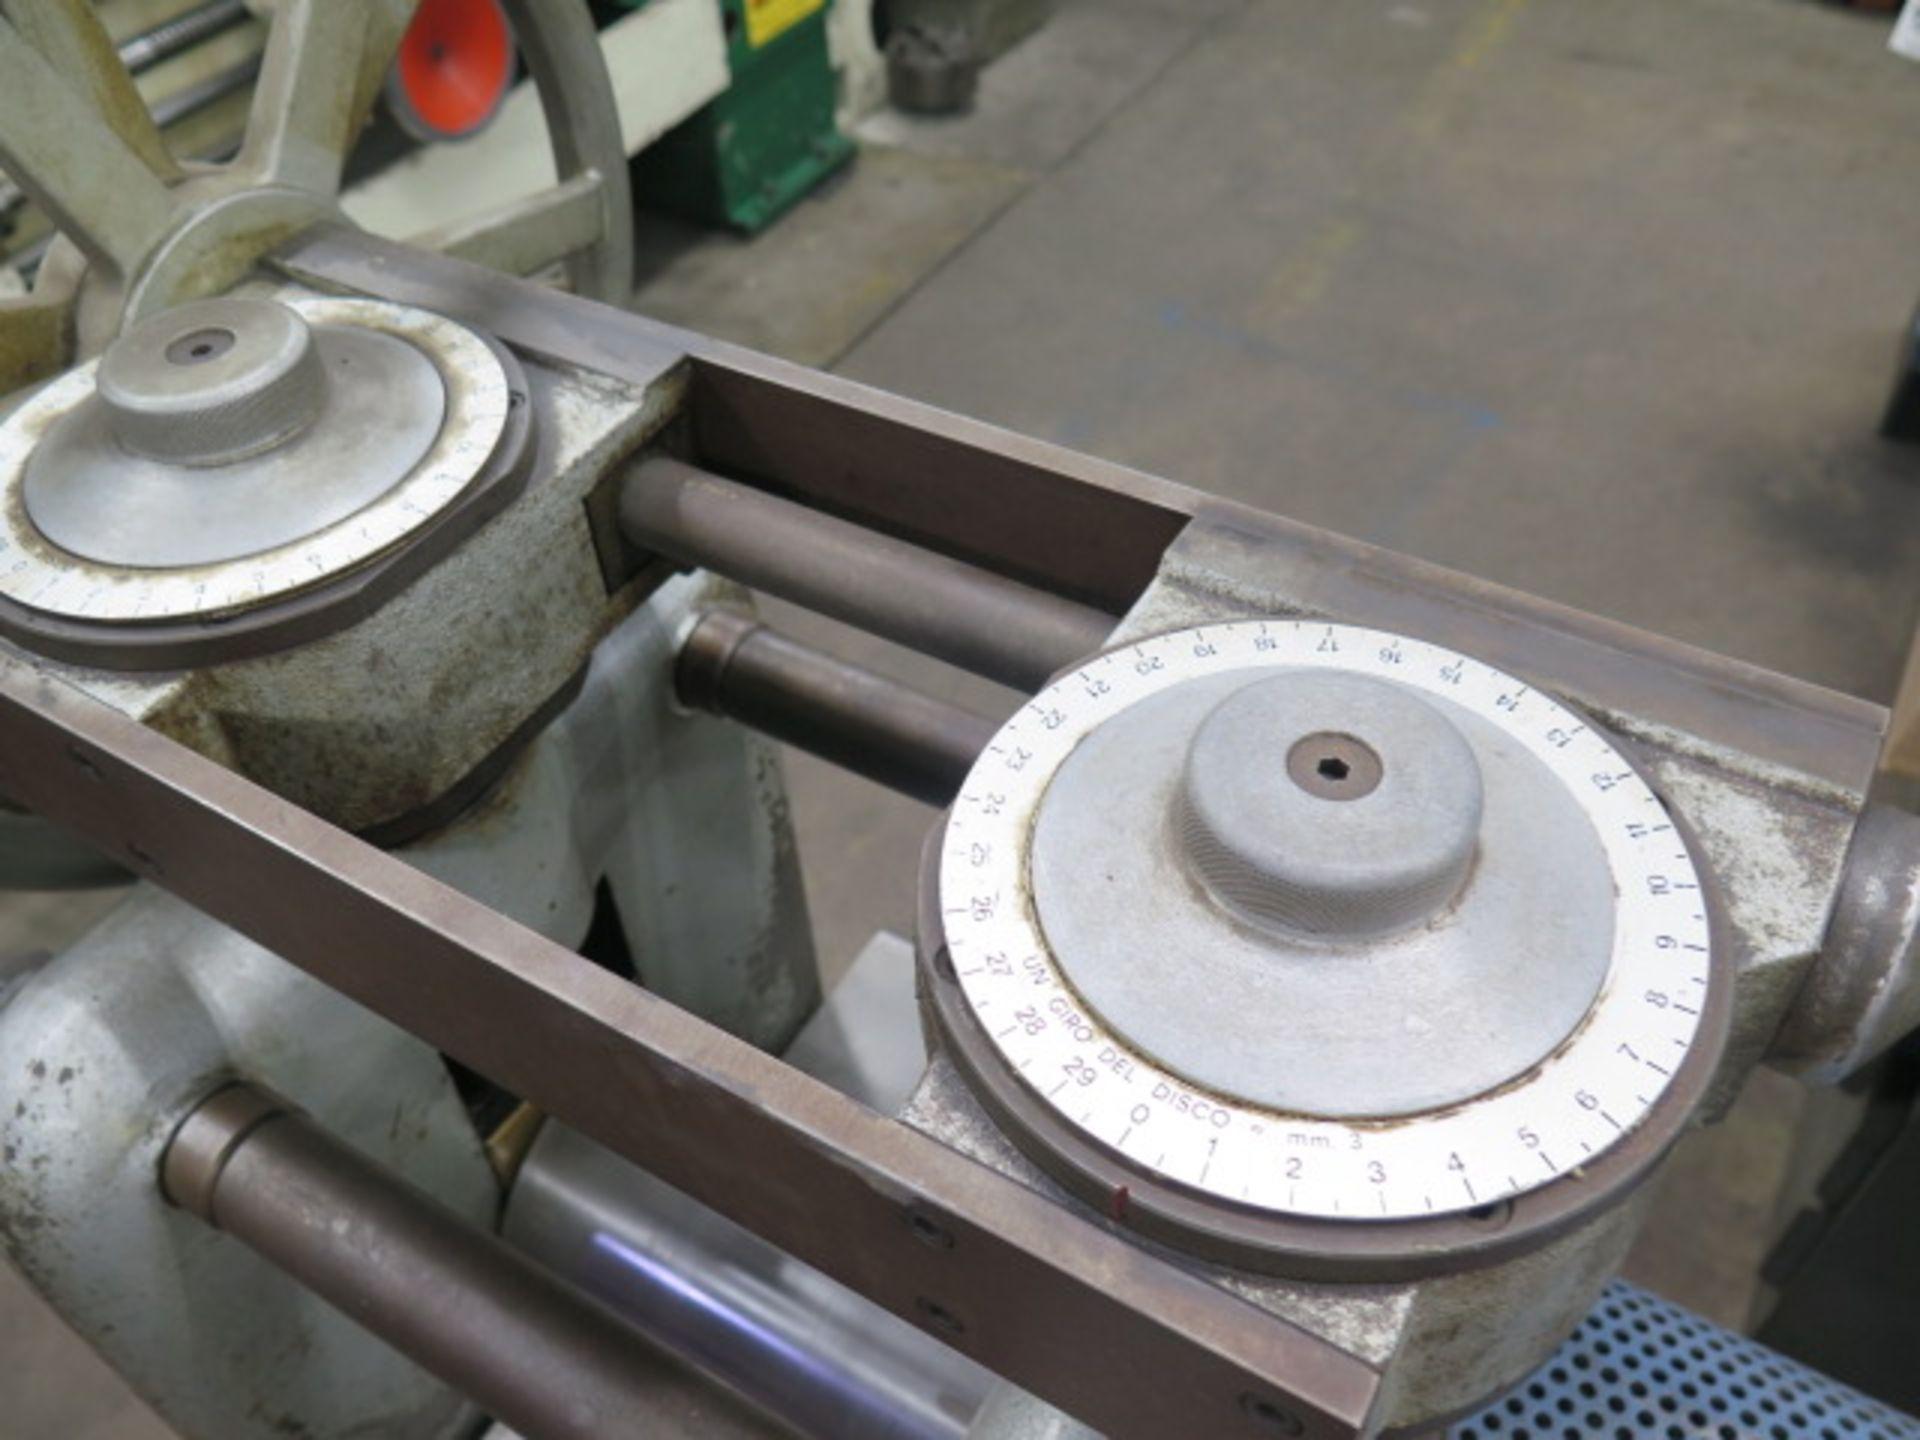 """F.LLi Cavallin mdl. MG20 8"""" Rolling Mill w/ Water Cooled Rolls - Image 7 of 9"""